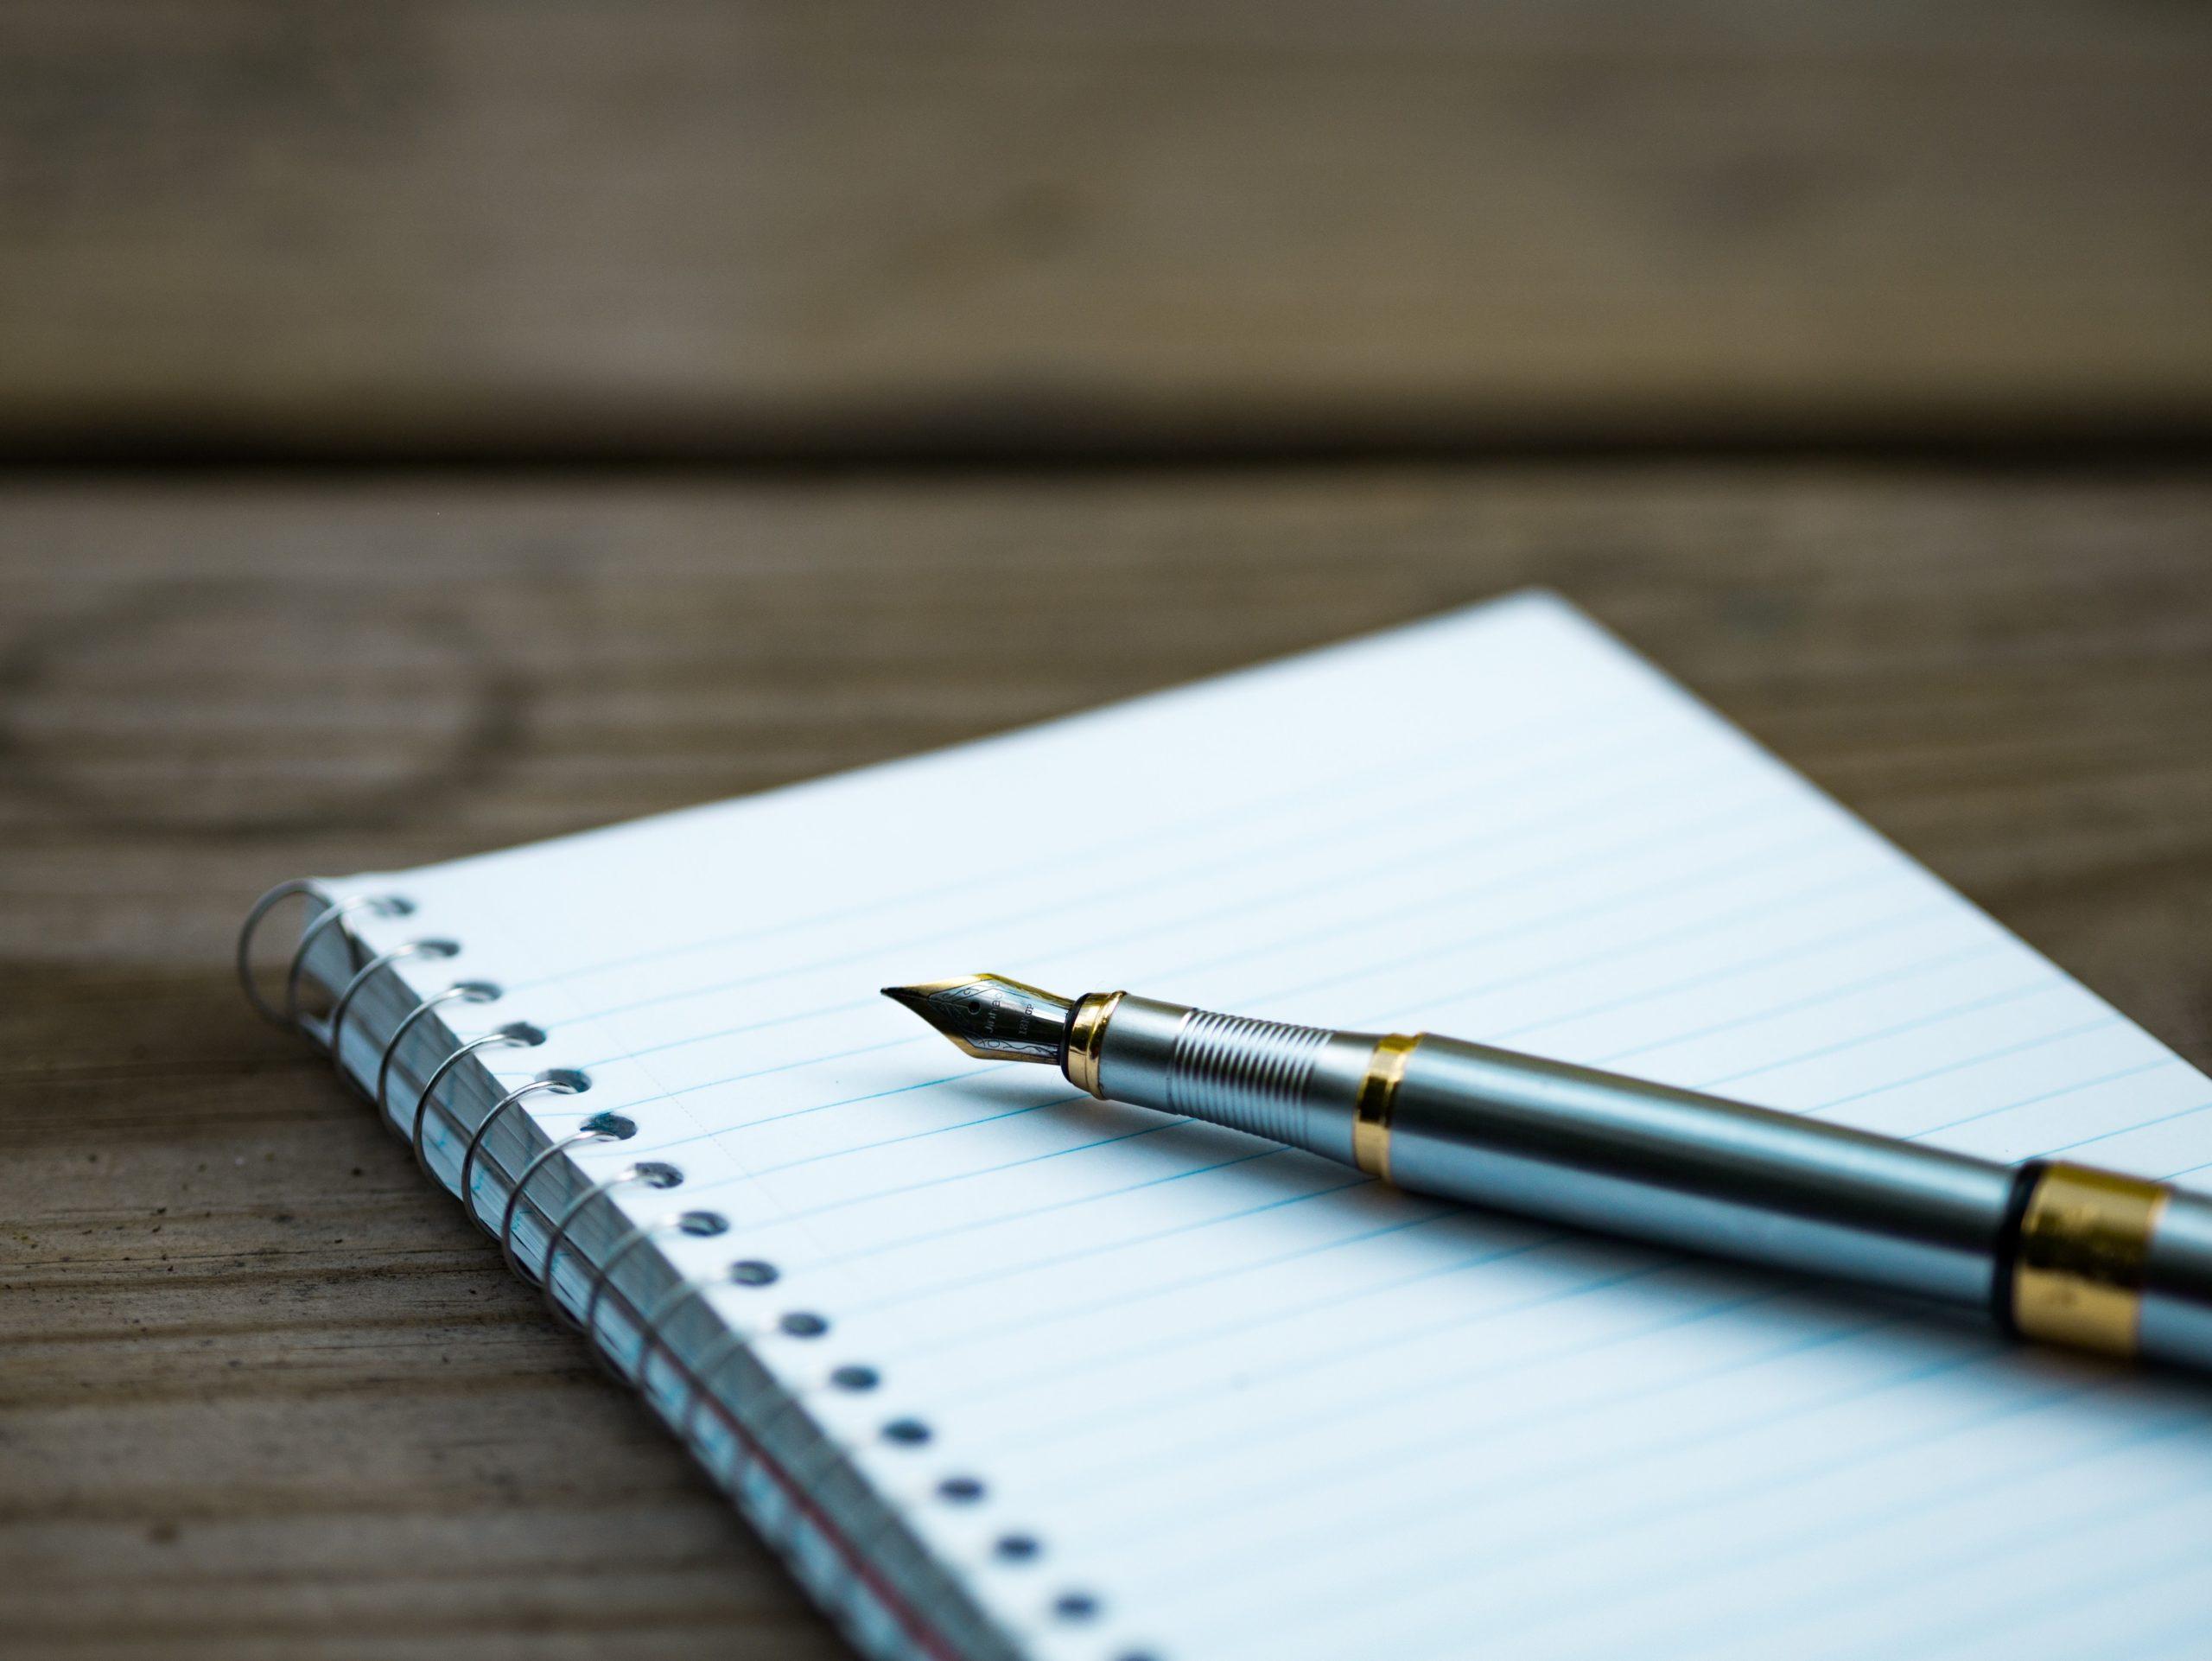 メモを取るノートとペン